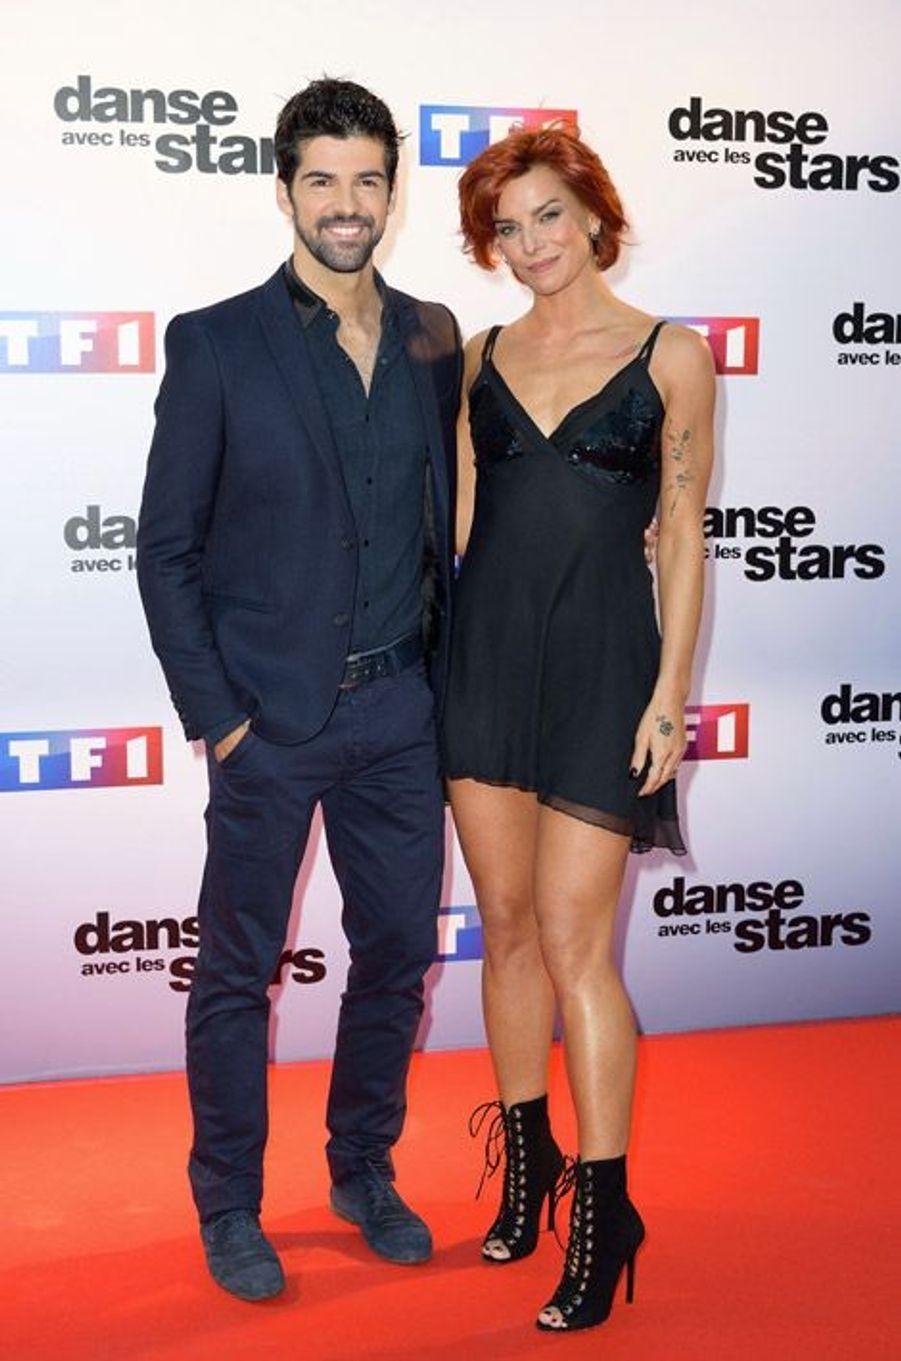 La danseuse Fauve Hautot lors de la conférence de presse de Danse avec les stars 5, le 10 septembre 2014 à Paris